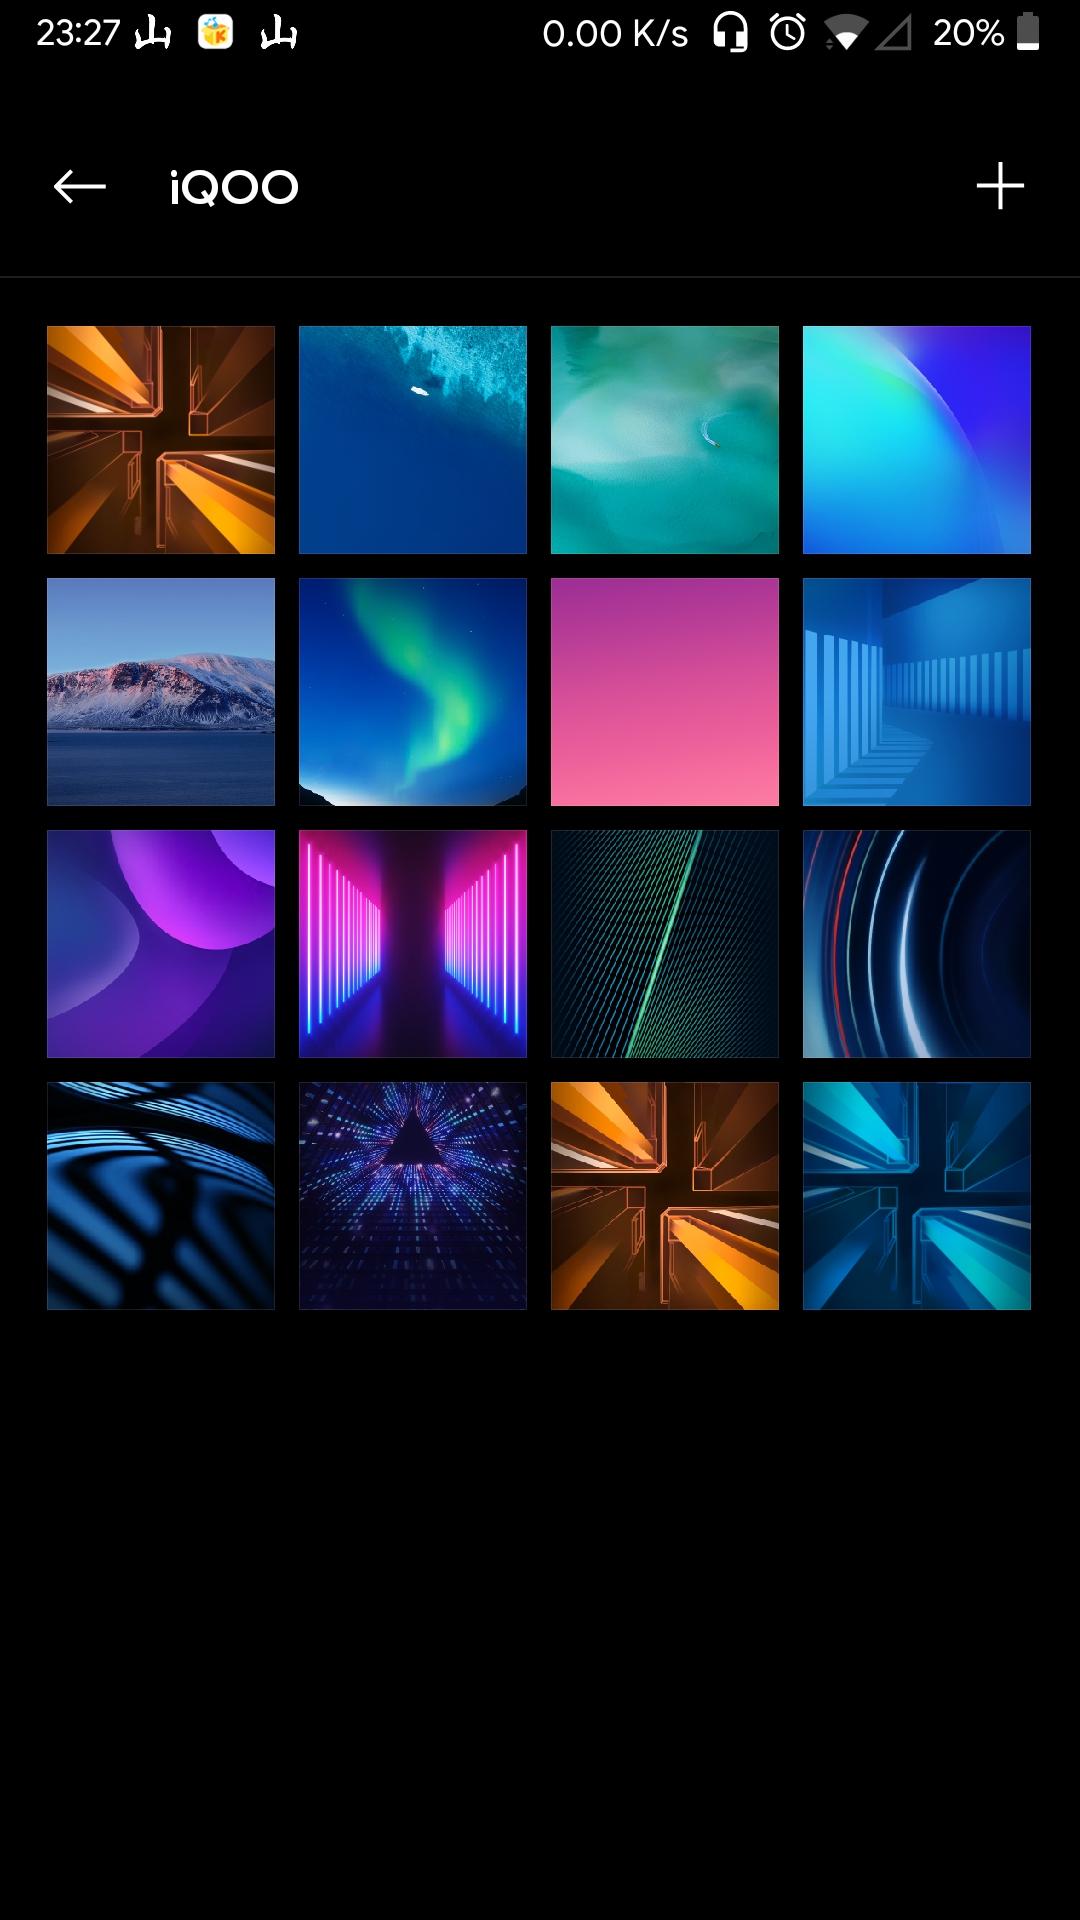 Screenshot_20190305-232751.jpg